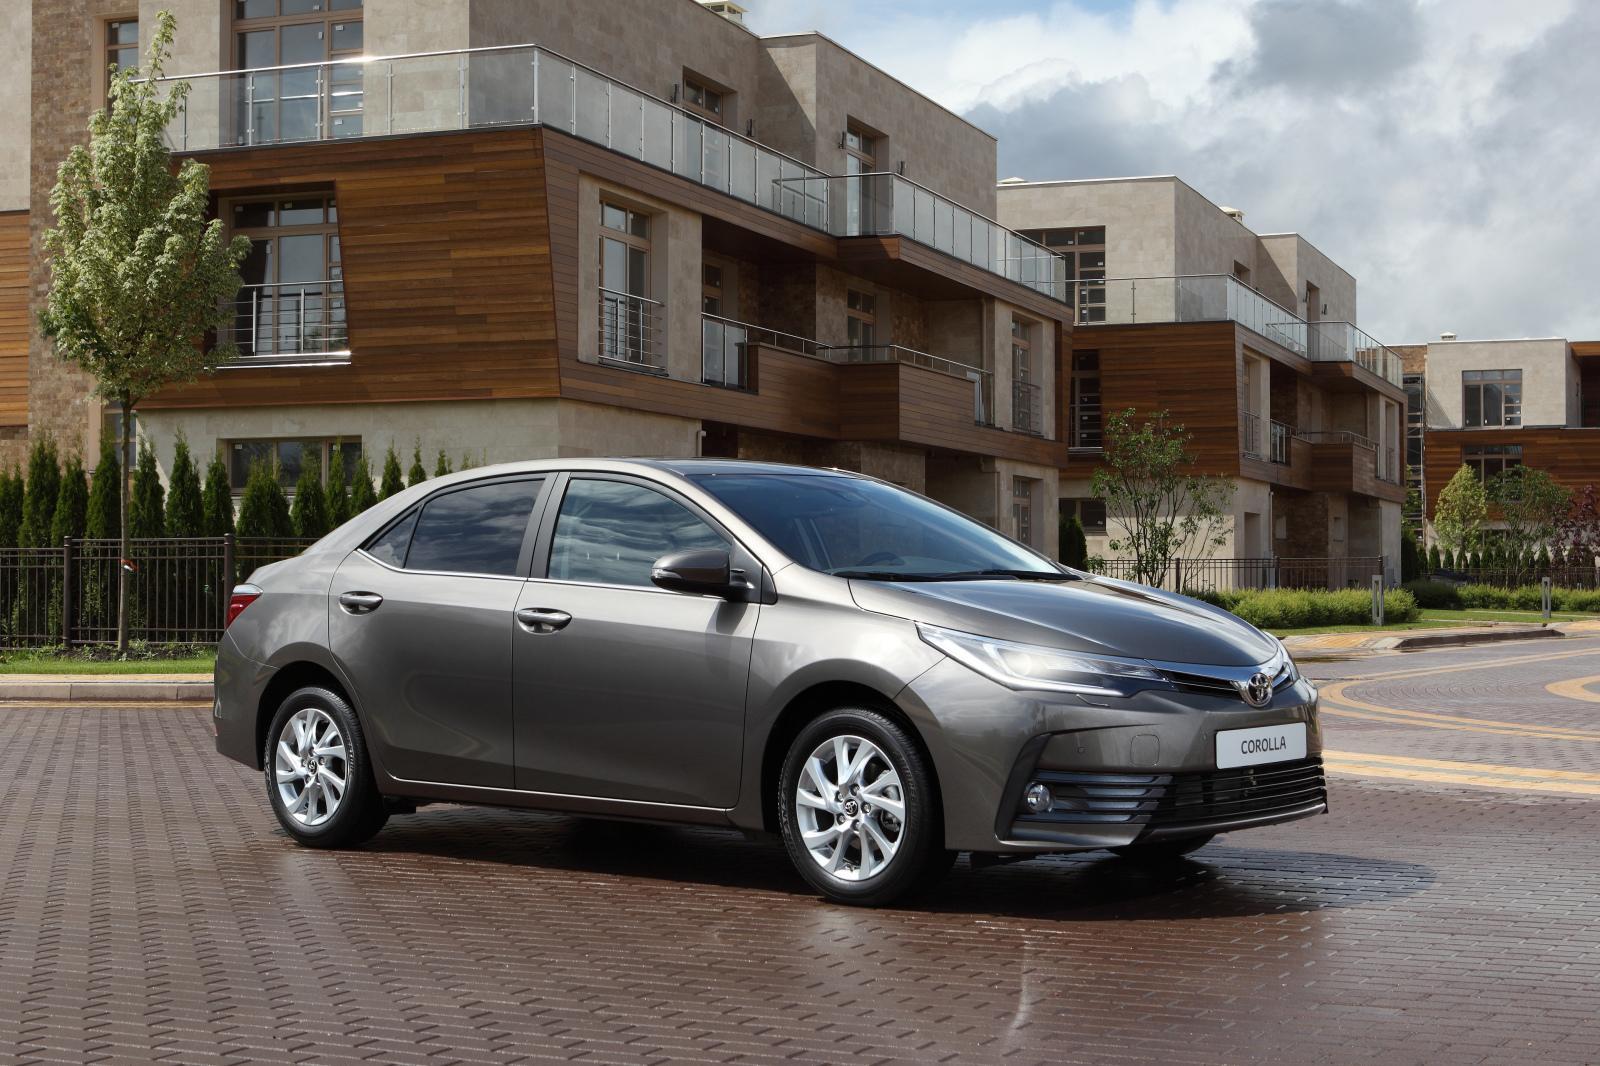 Toyota Corolla дважды в истории занесена в Книгу рекордов Гиннесса как самая продаваемая модель в мире